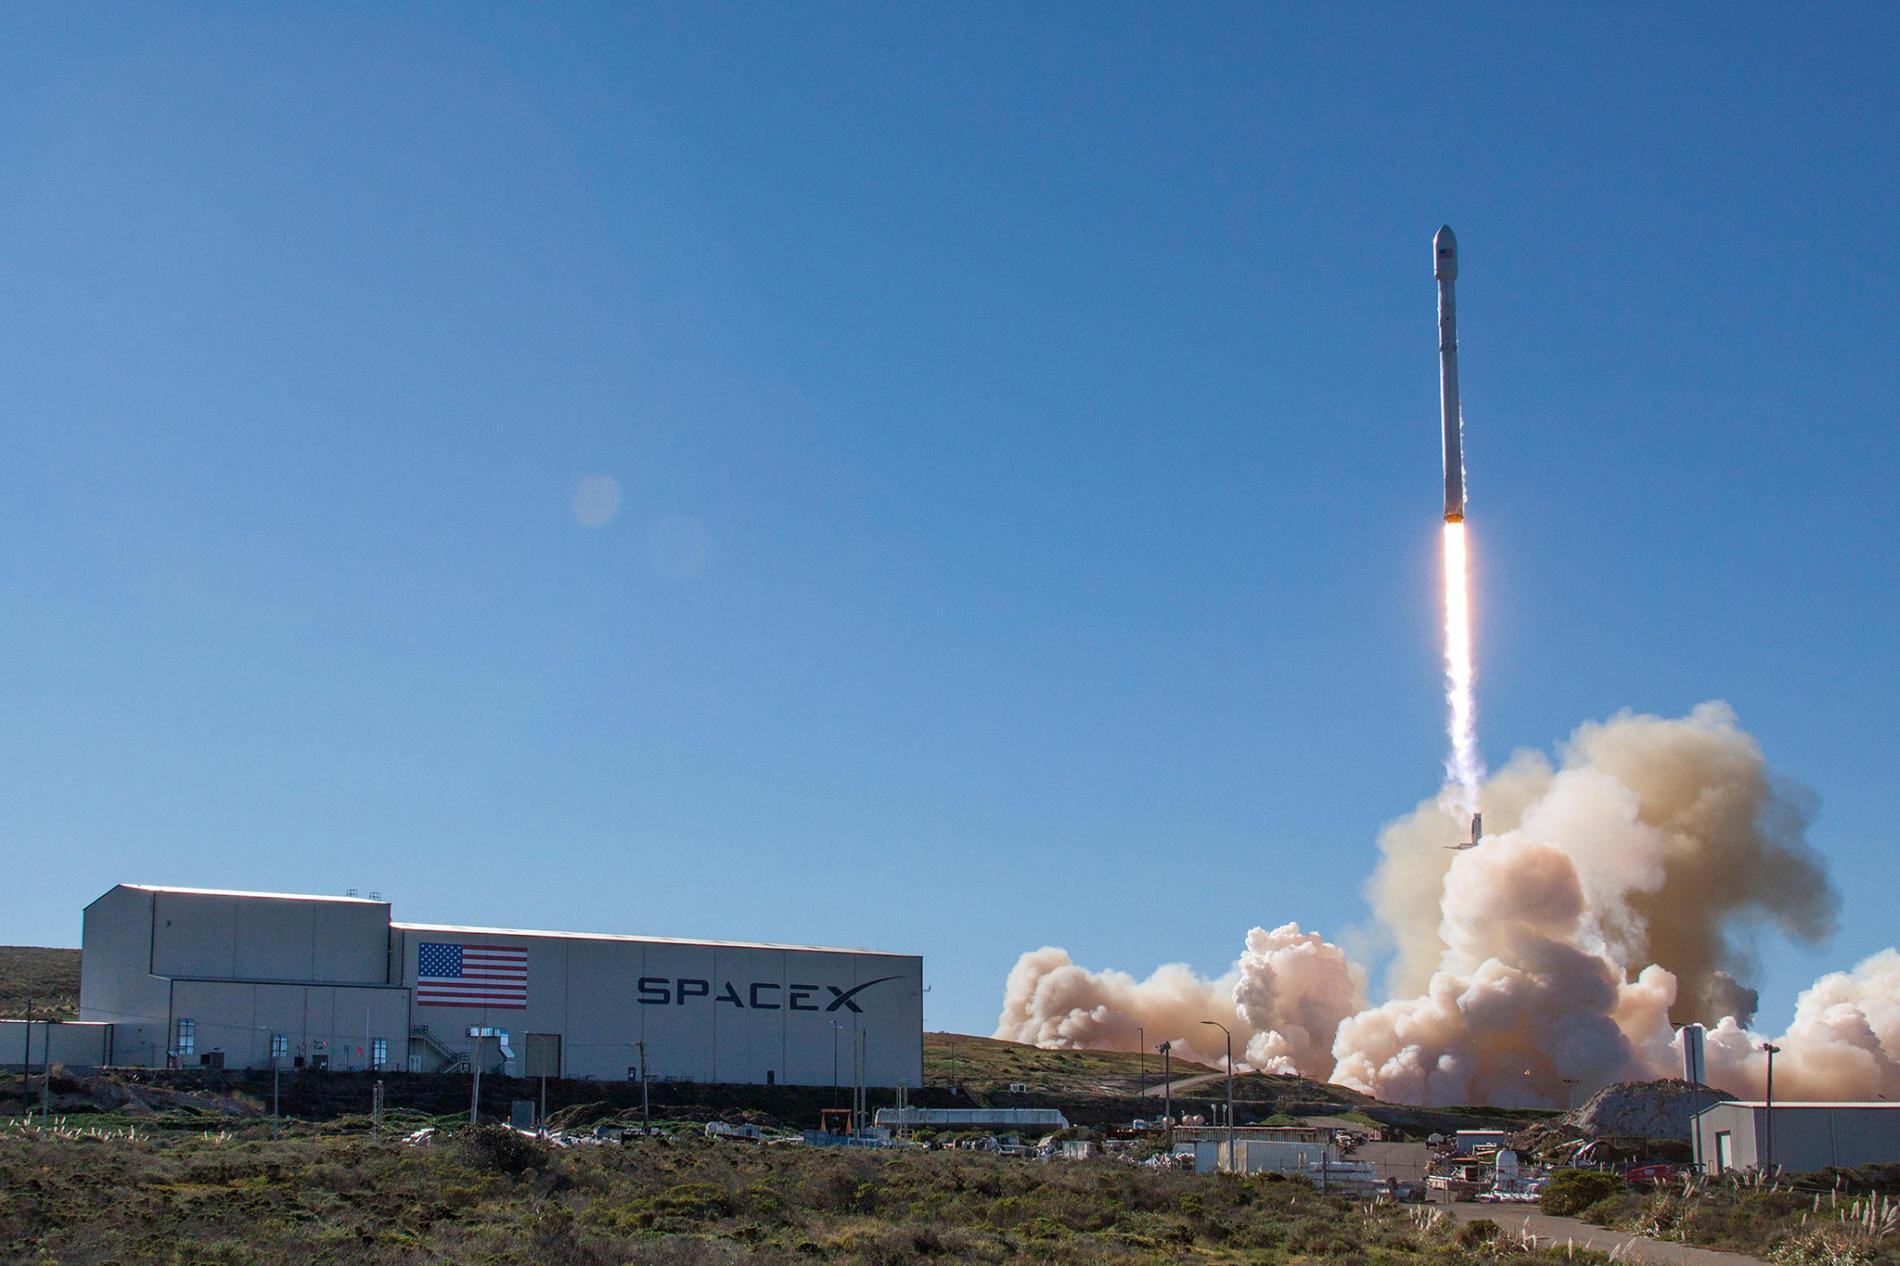 Kalifornia, 14 stycznia 2017 r., wystrzelenie rakiety Falcon 9 wraz z pierwszą serią nowych satelitów Iridium NEXT